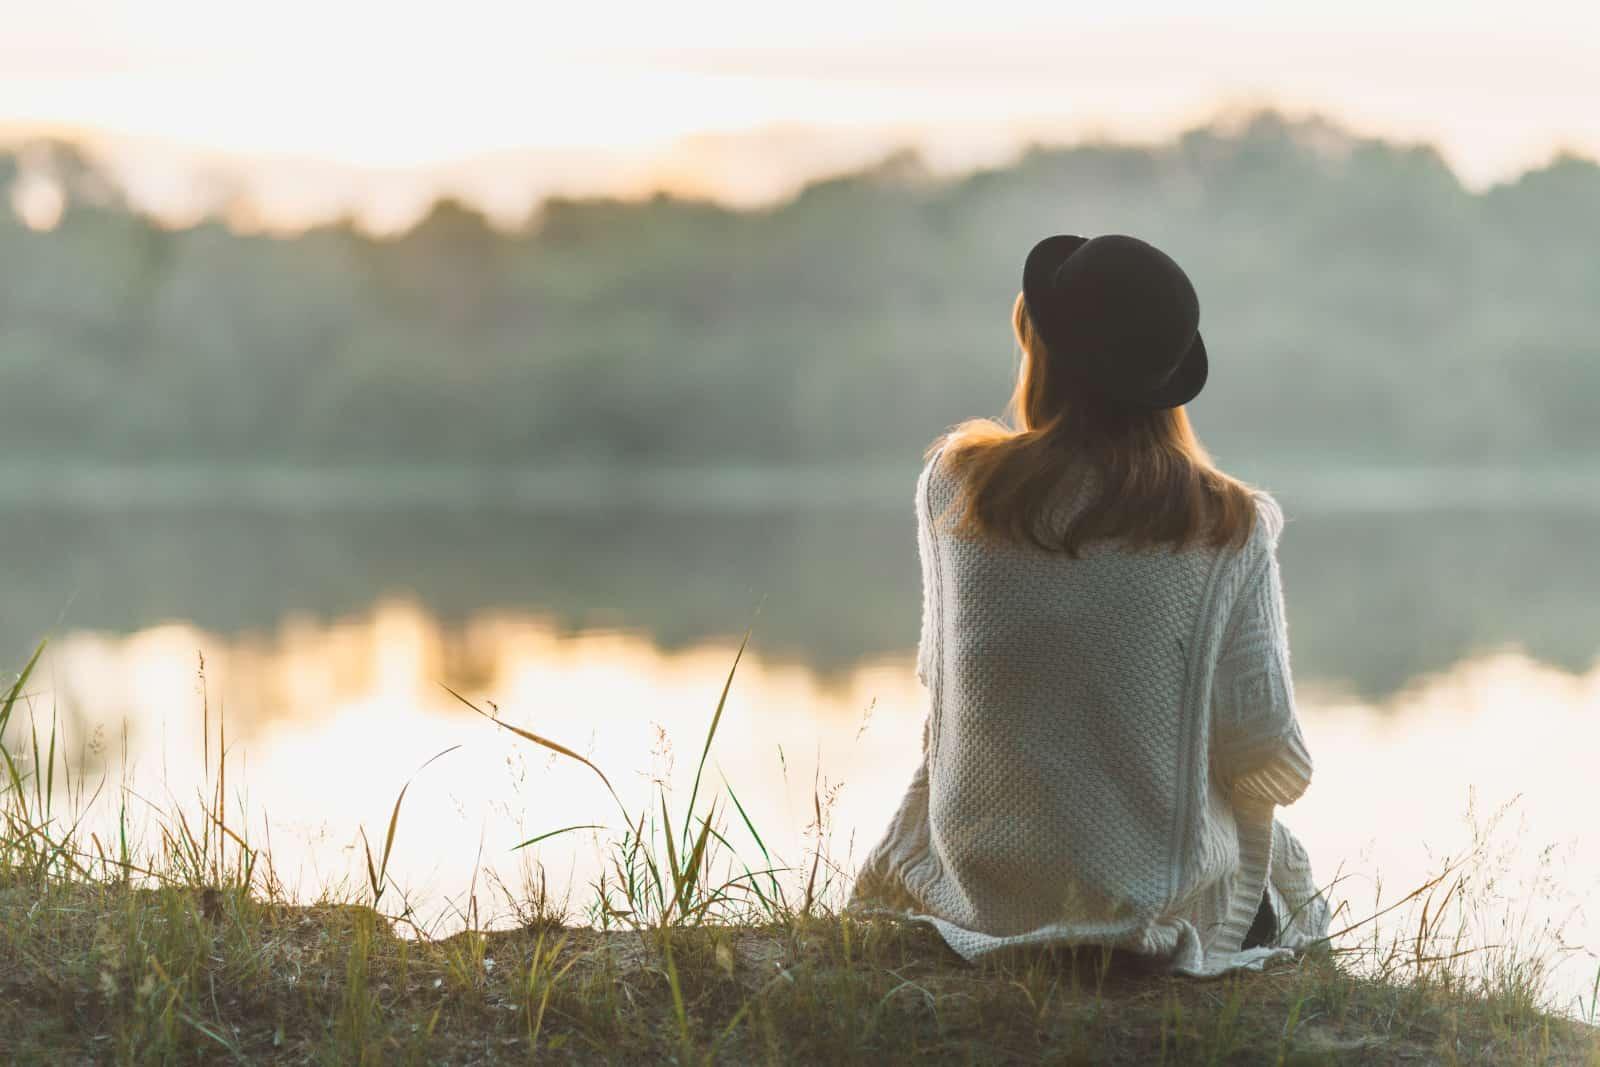 ein Mädchen, das am Ufer eines Flusses sitzt